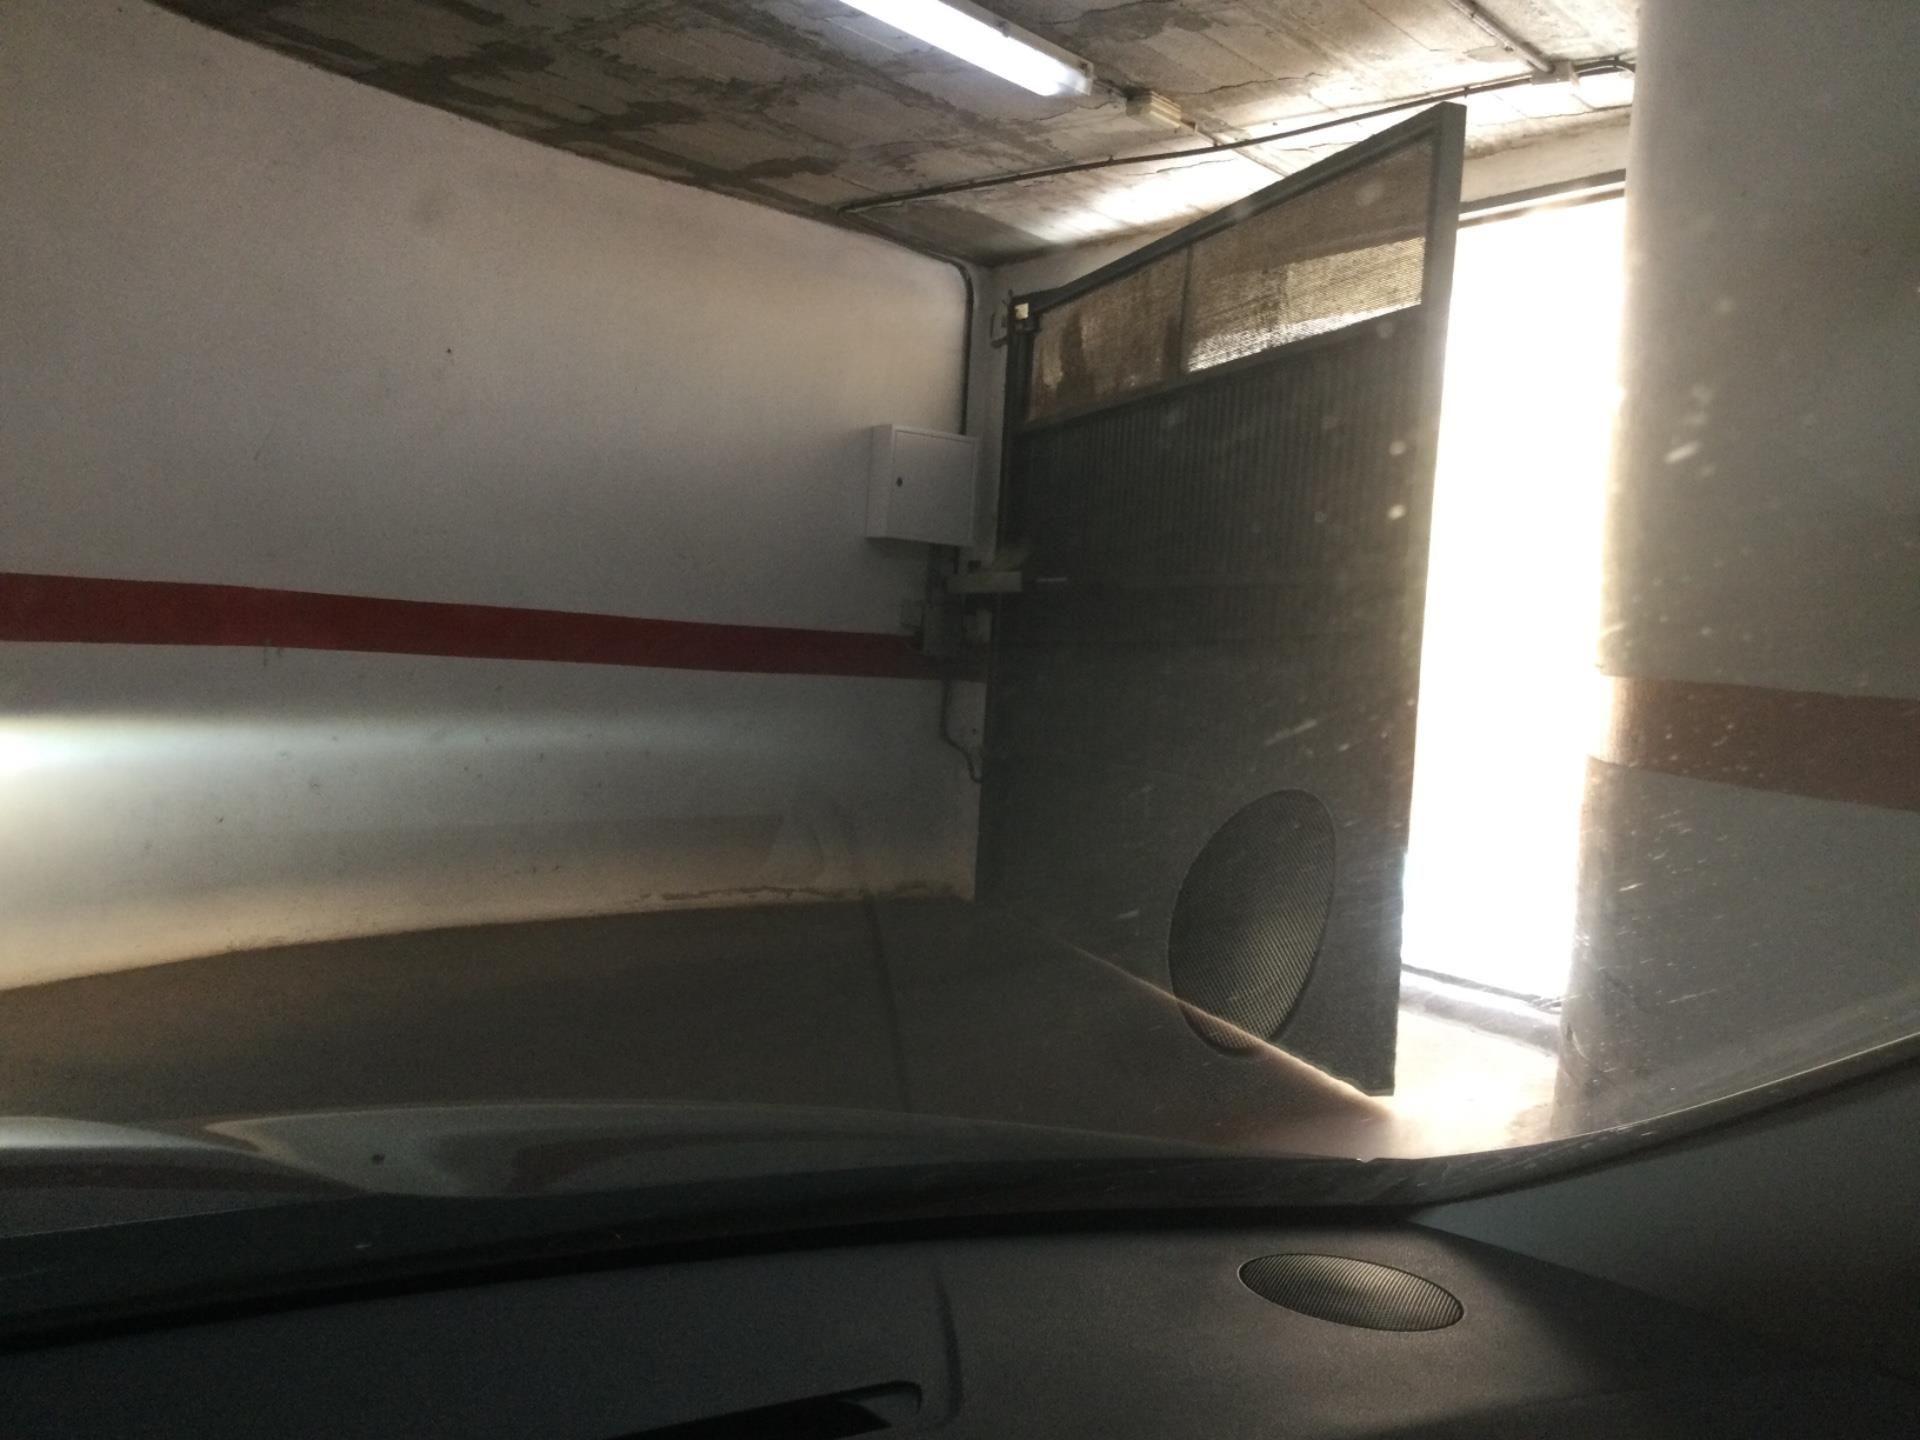 Garaje de alquiler en Avenida de España, San Luis de Sabinillas (San Luis de Sabinillas, Málaga)